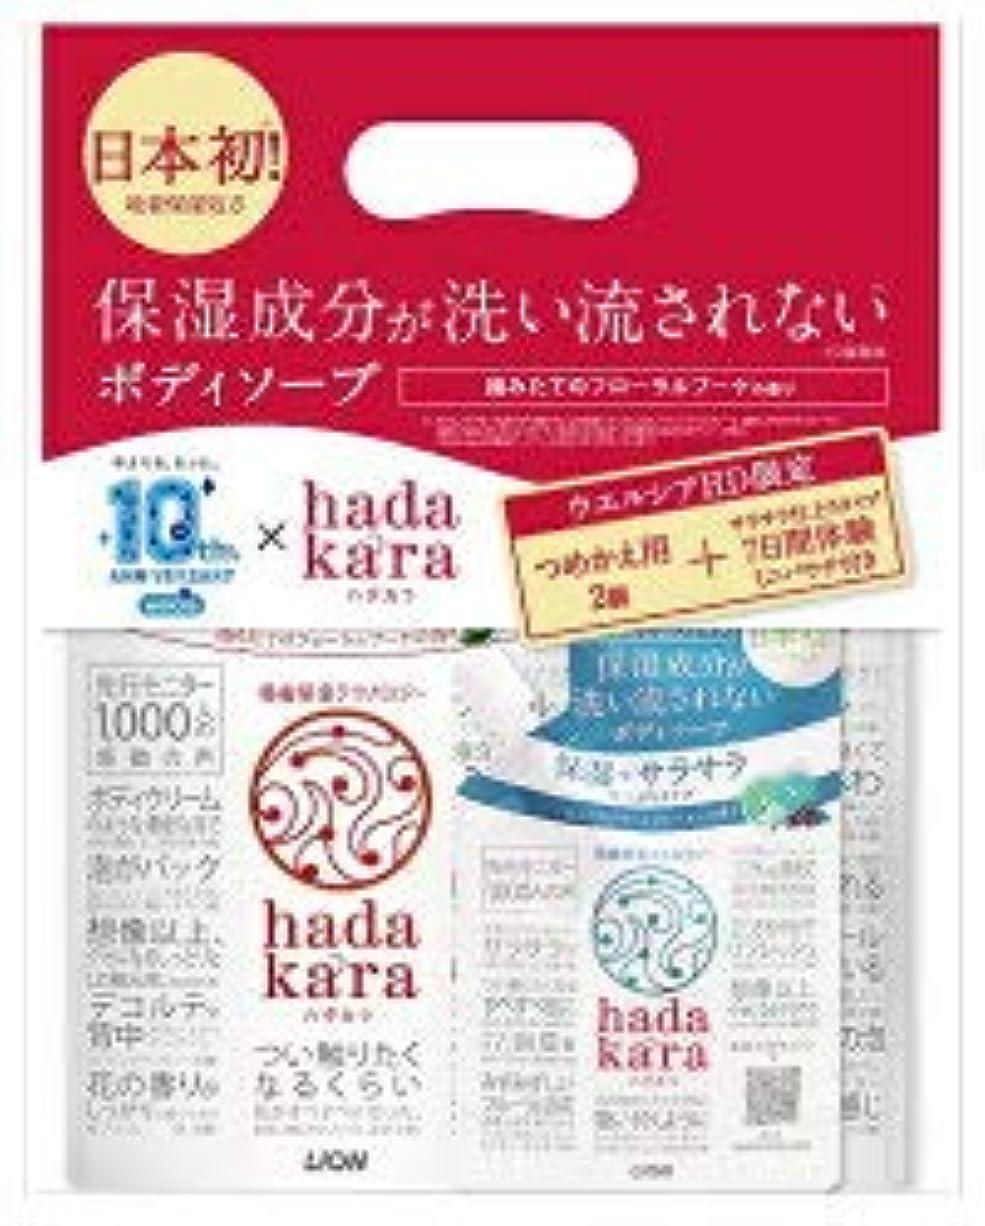 経験者映画さらにライオン hadakara フローラルブーケの香り 詰替 2個パック+ミニパウチ ボディソープ 6個セット